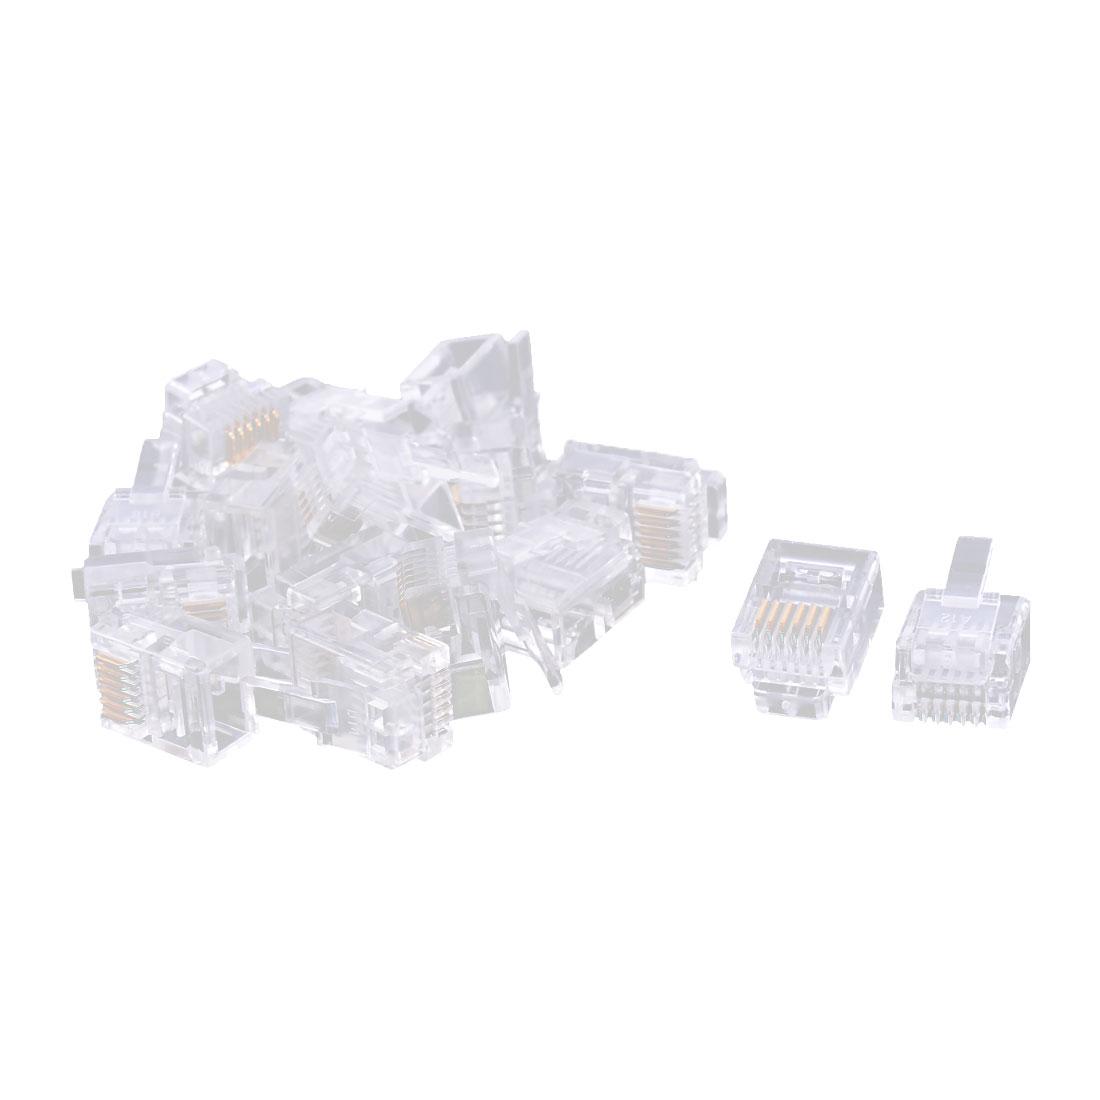 Plastic Housing 6P6C RJ12 Network Cable Crimp Adapter Connector Clear 16 PCS